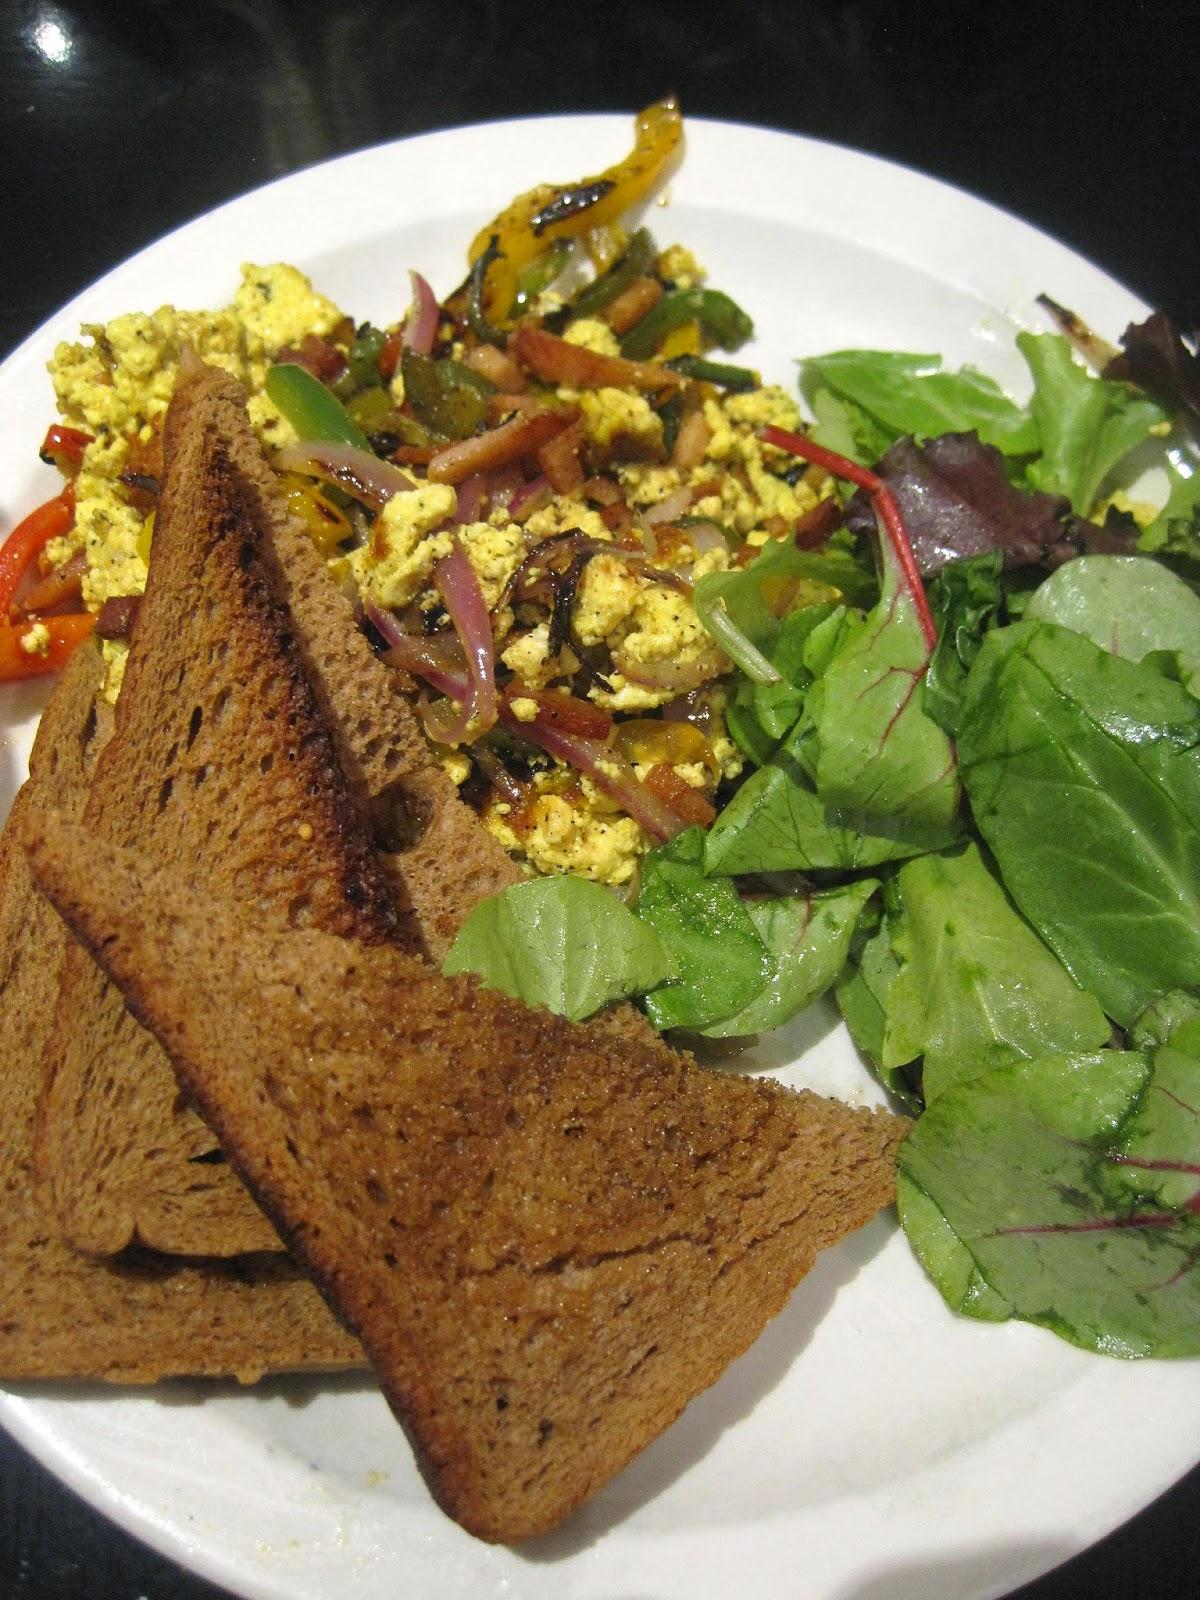 Get Scrambled Tofu Scramble - Champs Diner Vegan Brooklyn Veega Blog